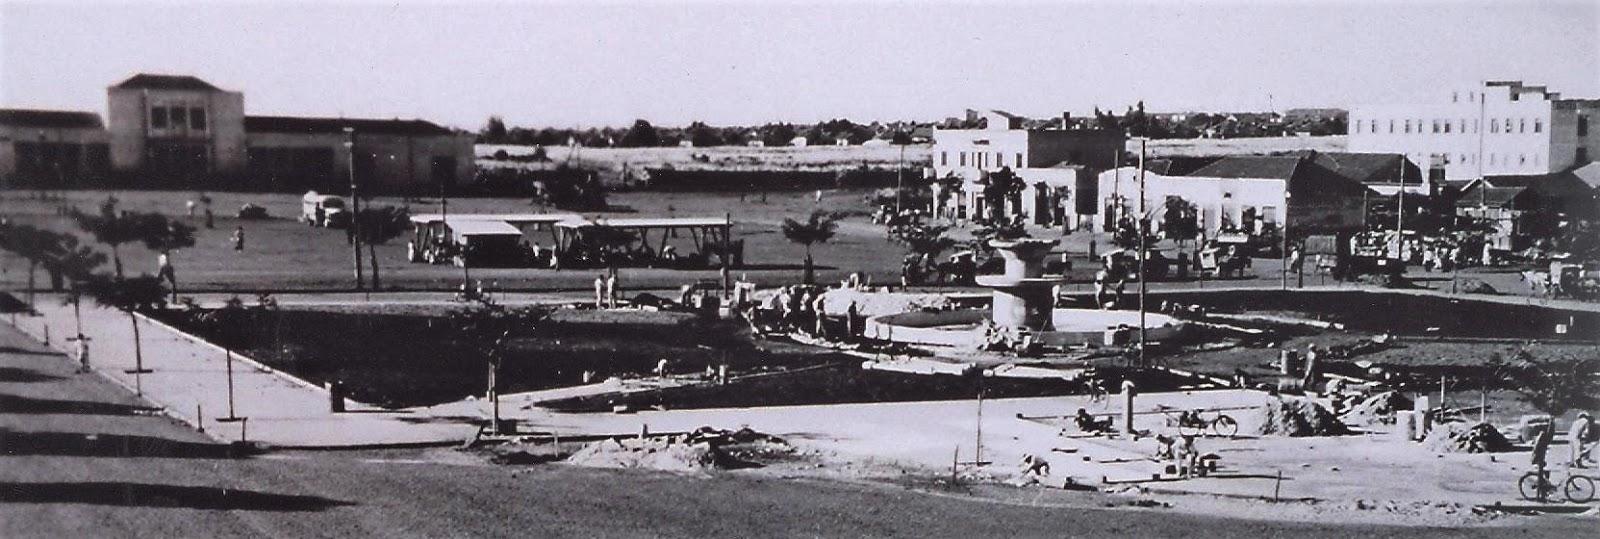 Praça Raposo Tavares - Início de 1957